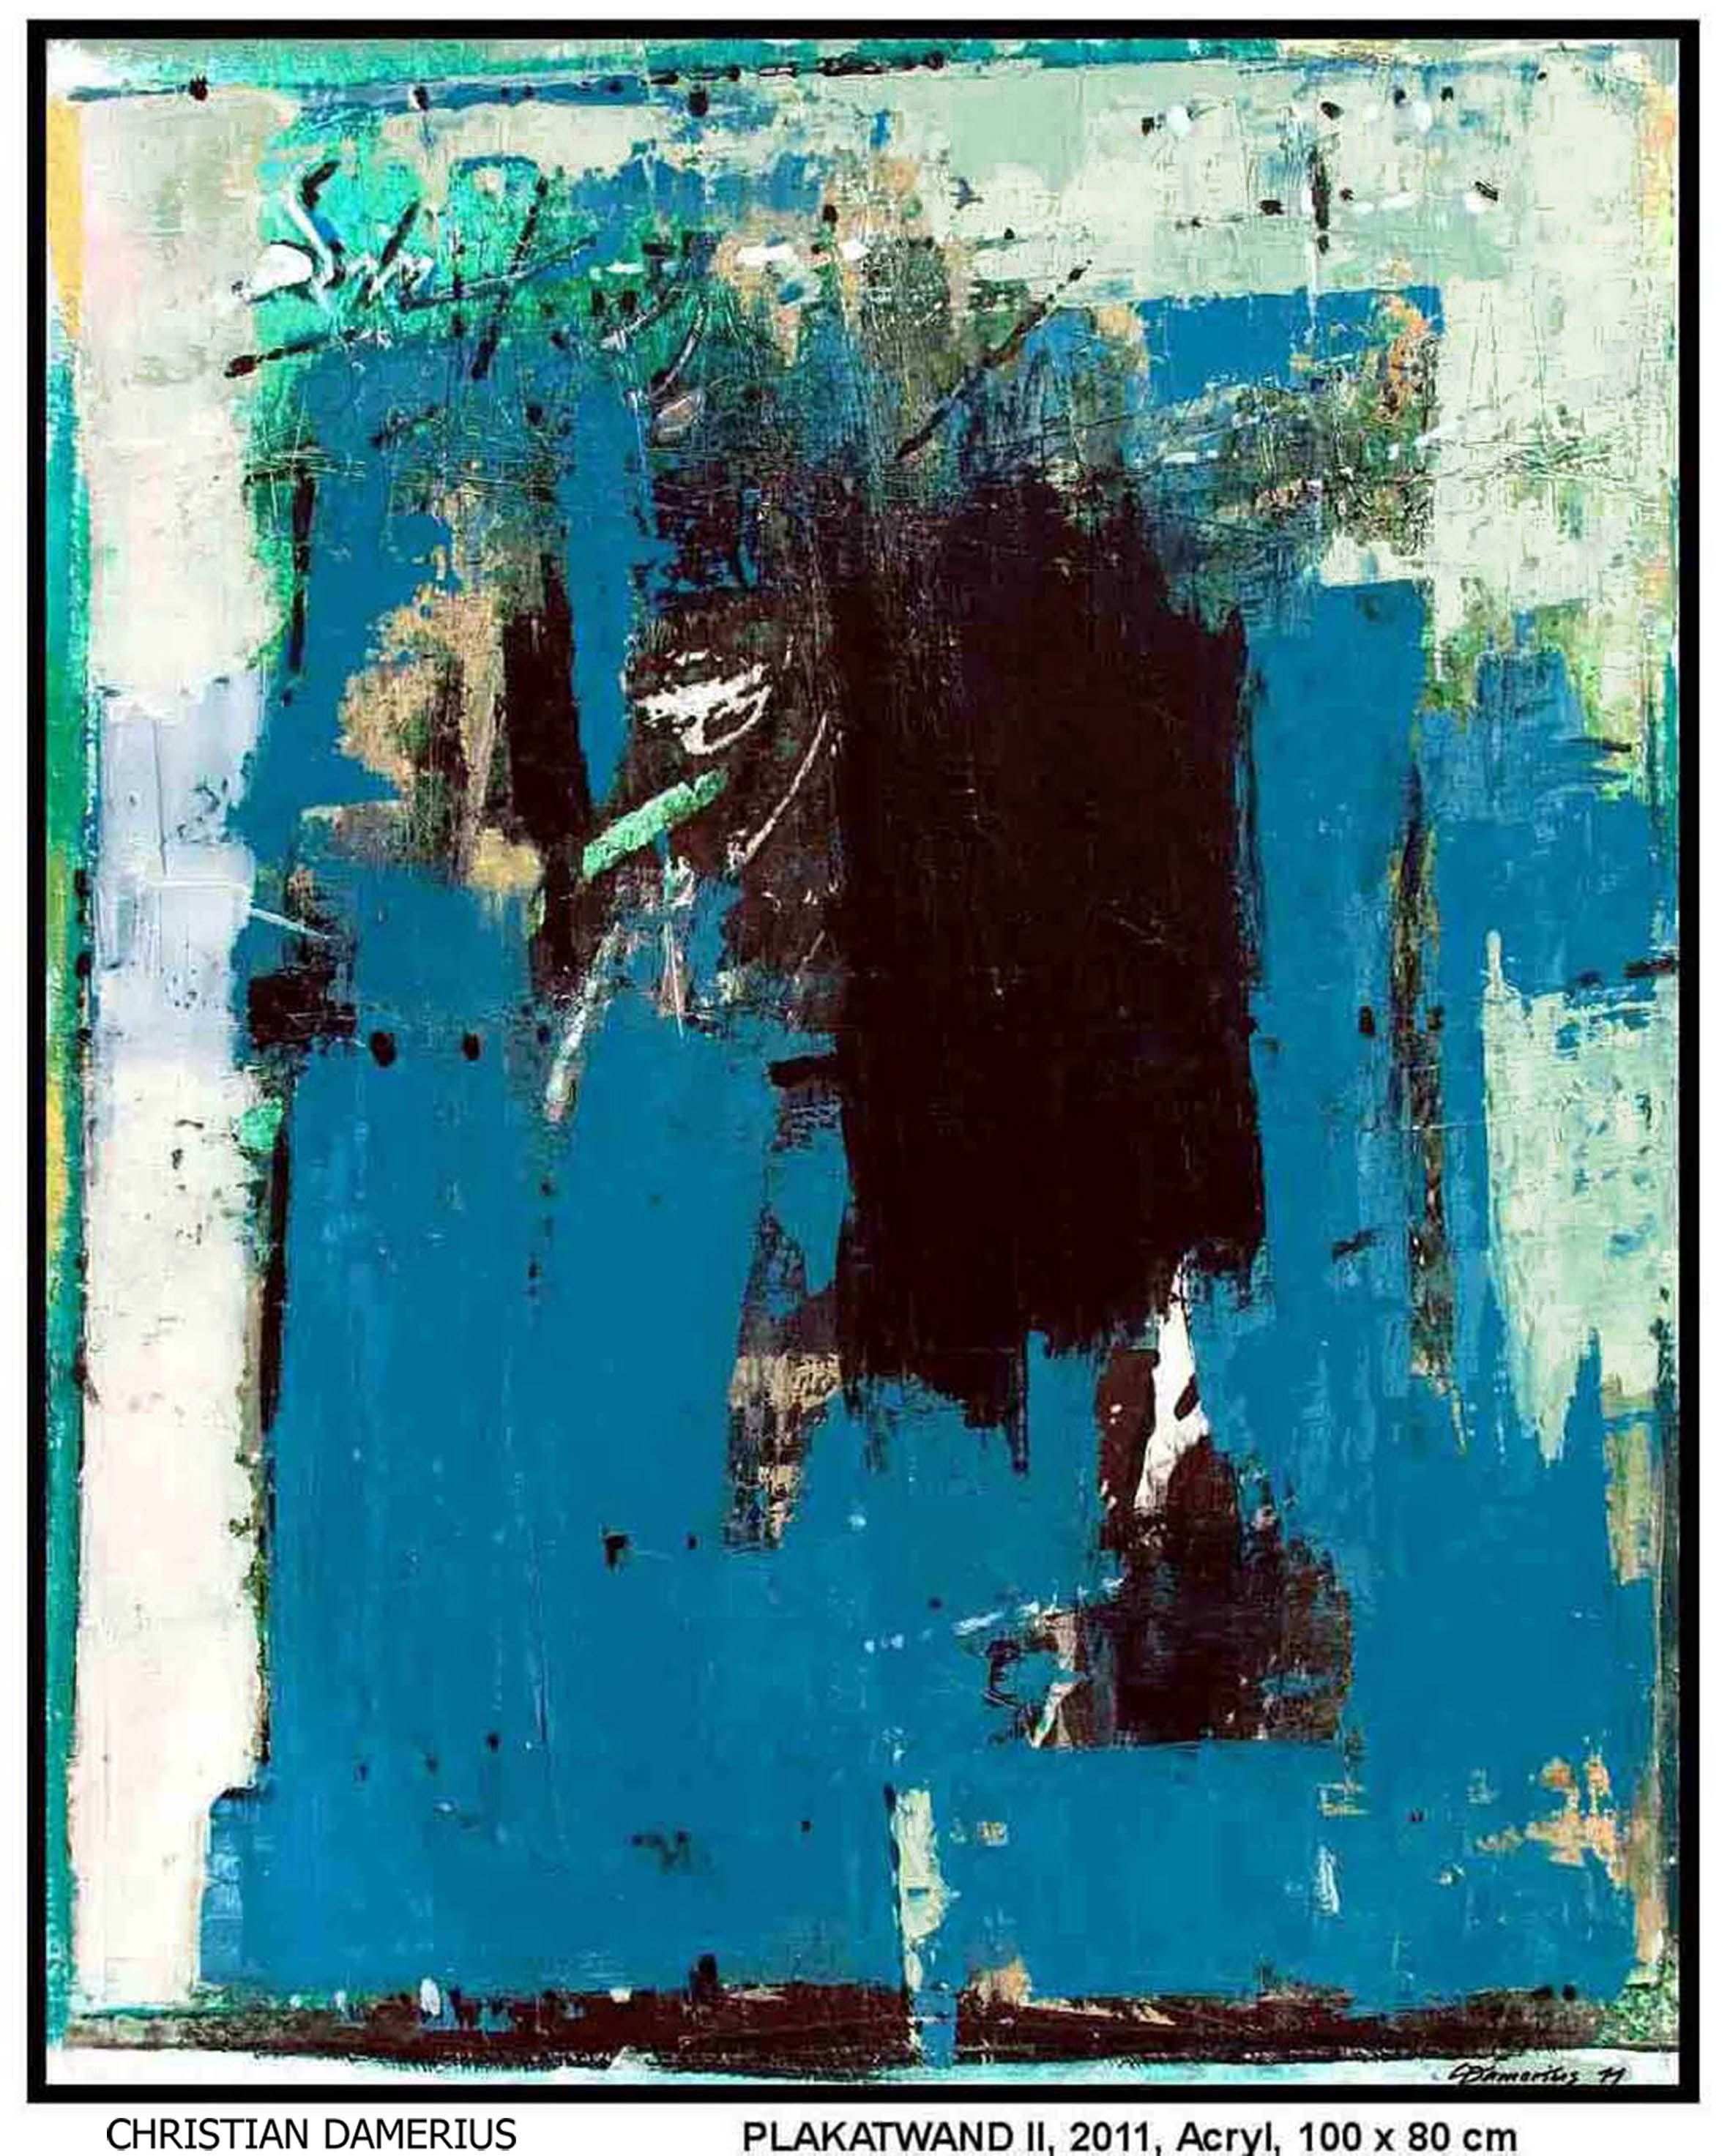 Christian Damerius Farbe Form Abstrakte Malerei Abstraktion